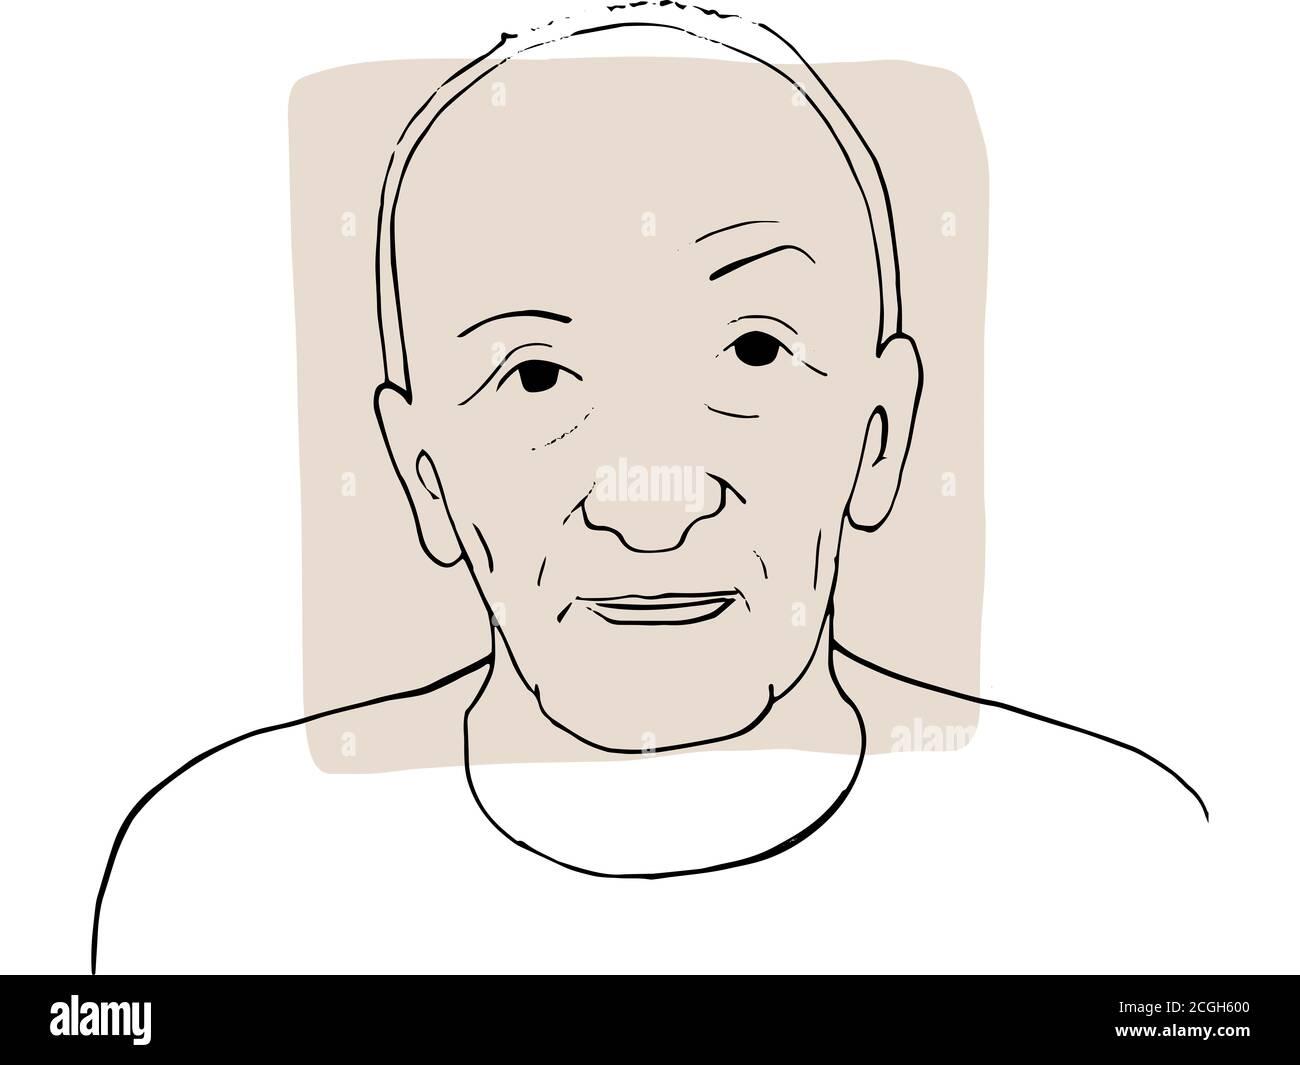 Dibujo a mano retrato de hombre viejo con muestra de color beige claro. Colección abstracta de diferentes personas y tonos de piel. Concepto de diversidad Foto de stock